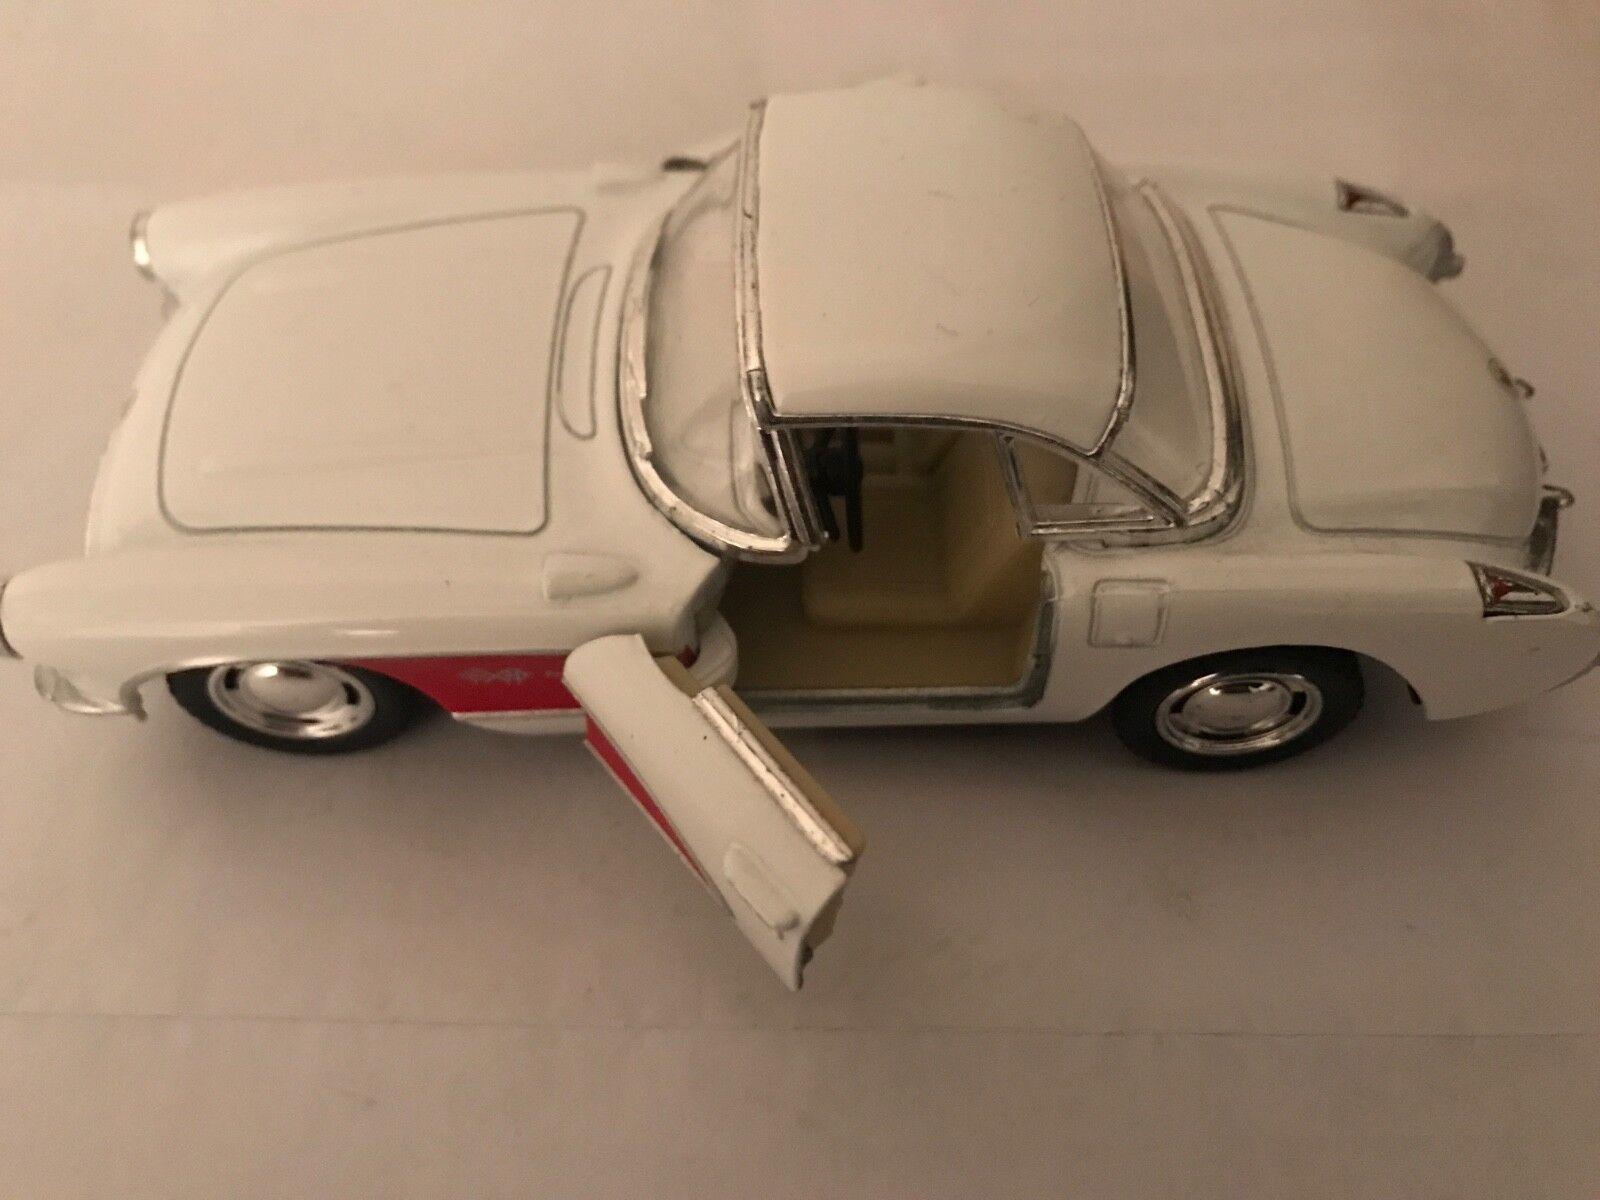 Tu satisfacción es nuestro objetivo Coche de juguete  Modelo Die Cast Corvett Envío Gratuito Gratuito Gratuito  de moda